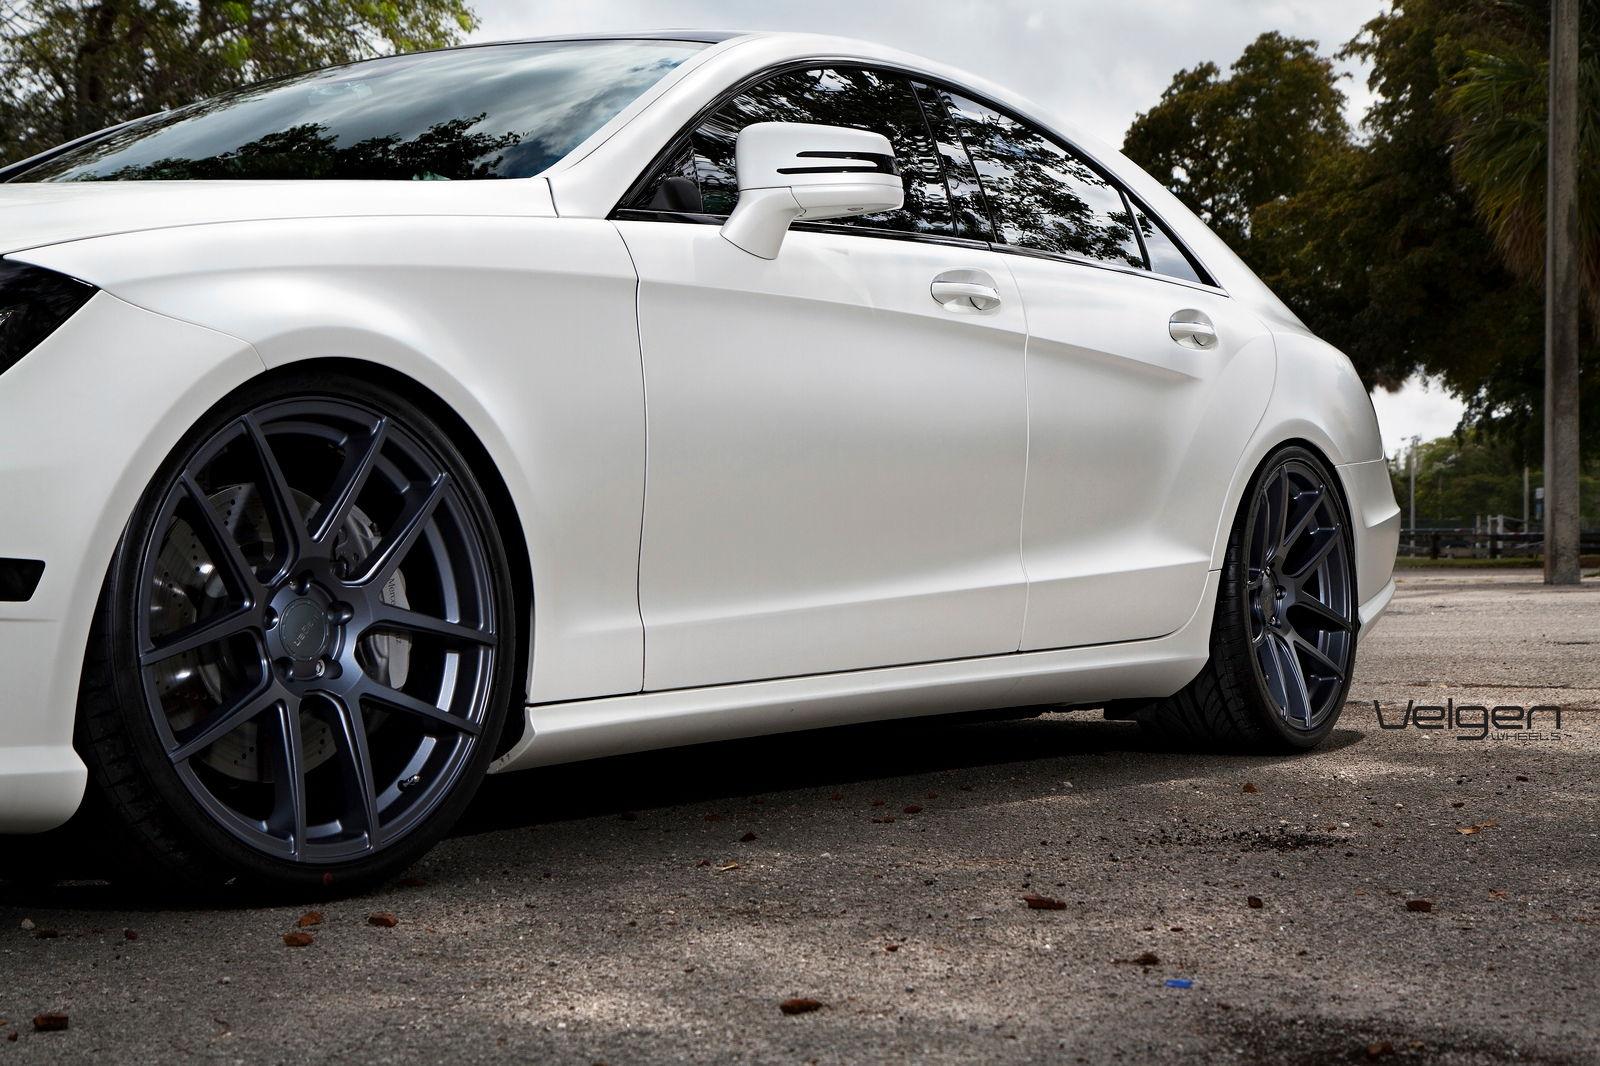 Mercedes benz cls550 on velgen wheels for Mercedes benz cls550 for sale